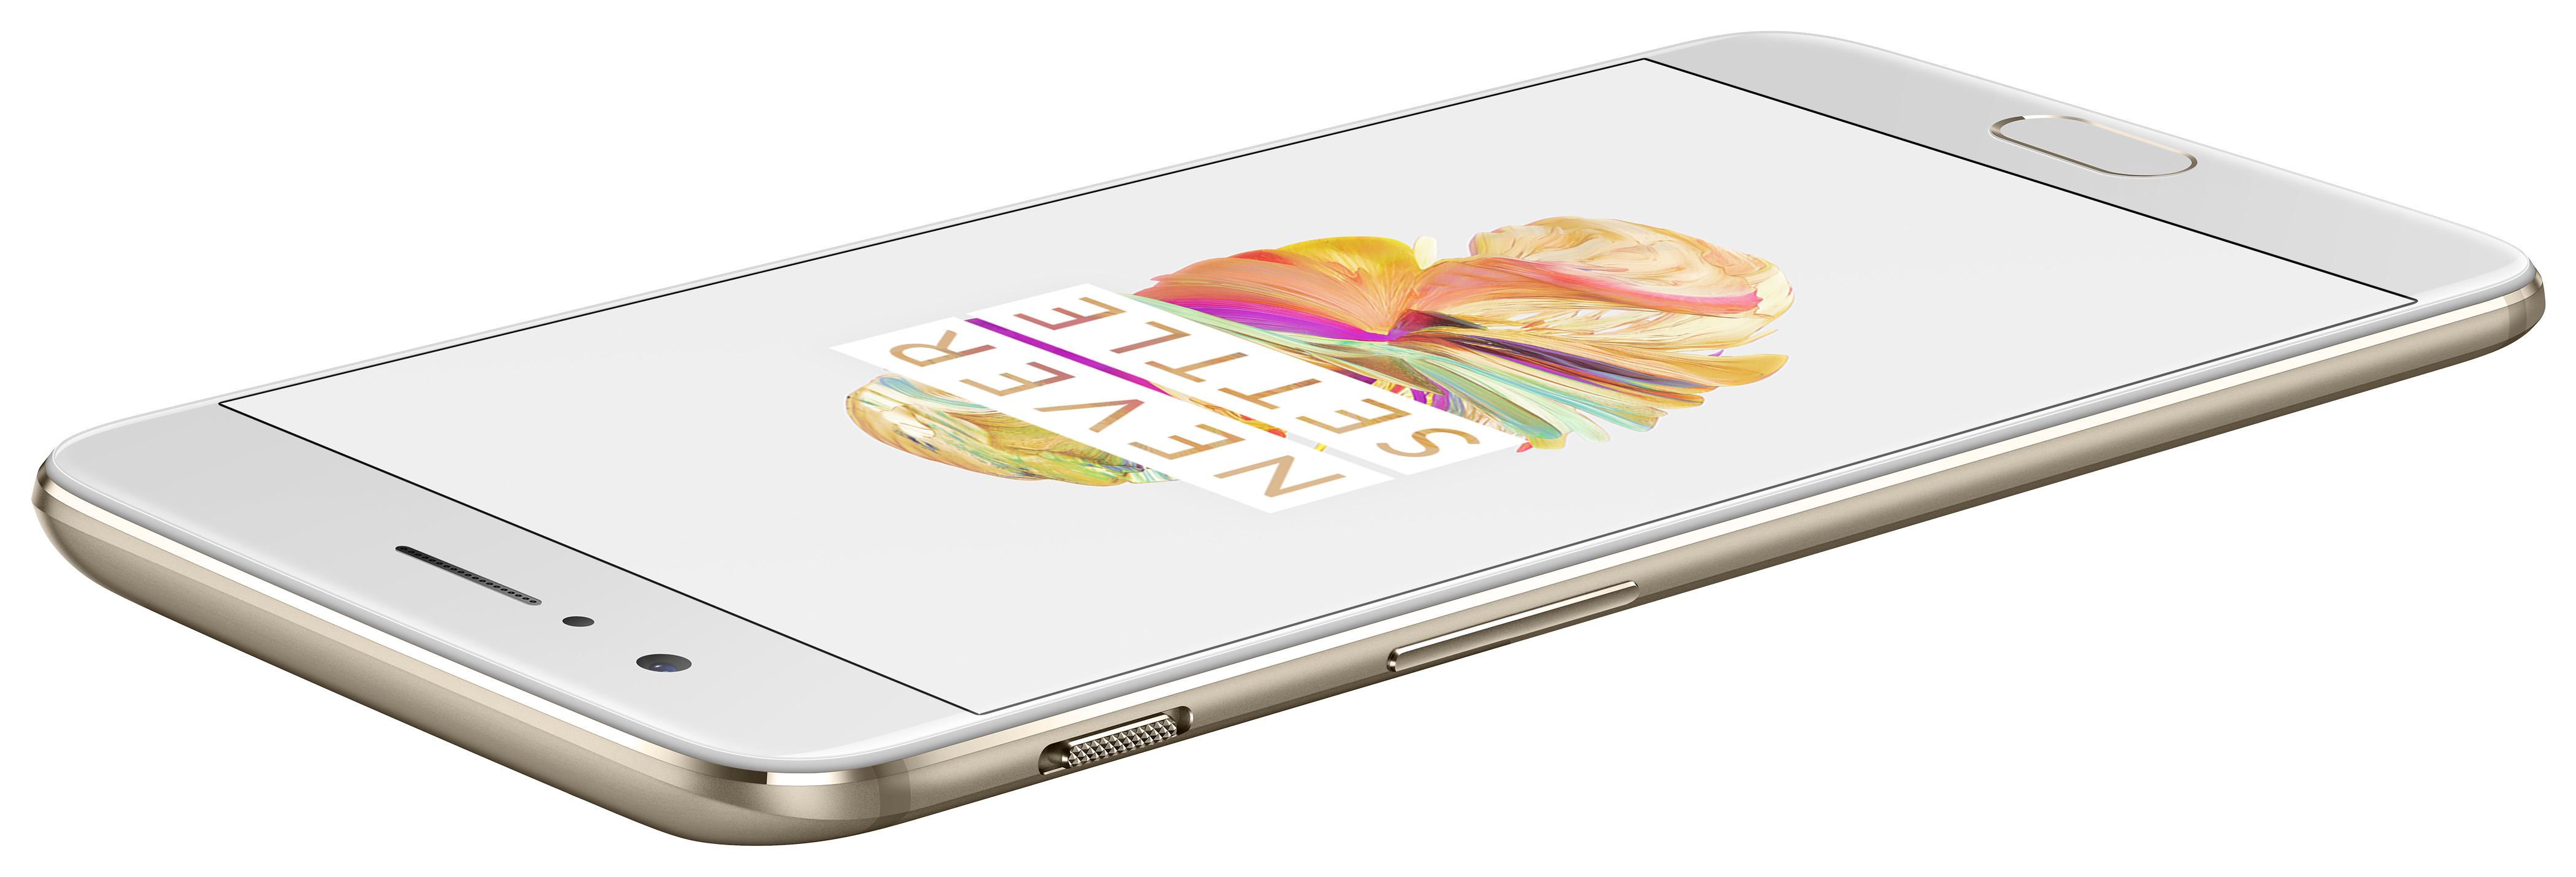 Android 8.0 Oreo : la bêta bientôt disponible sur OnePlus 5